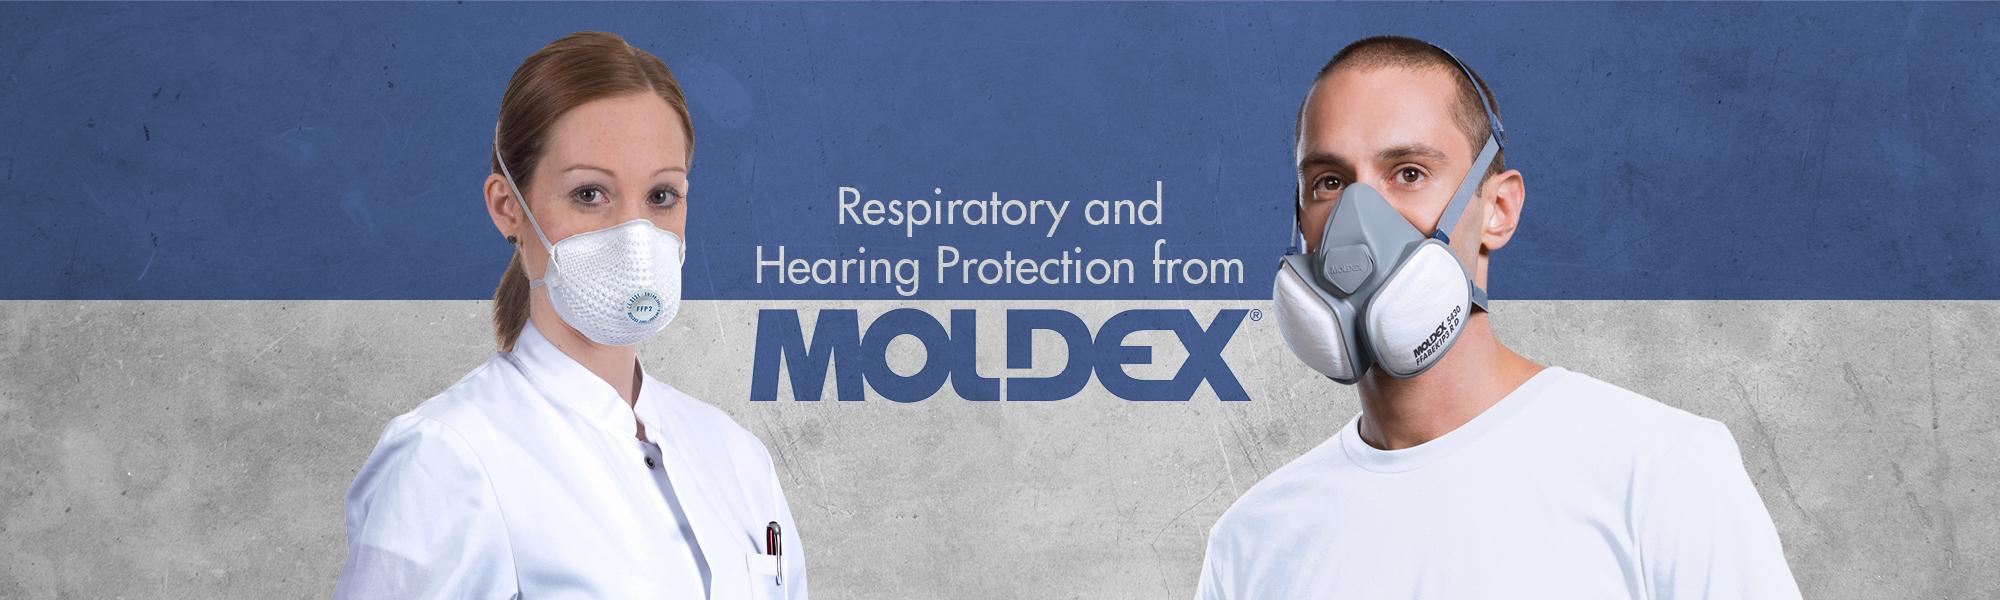 Afbeeldingsresultaat voor moldex banner